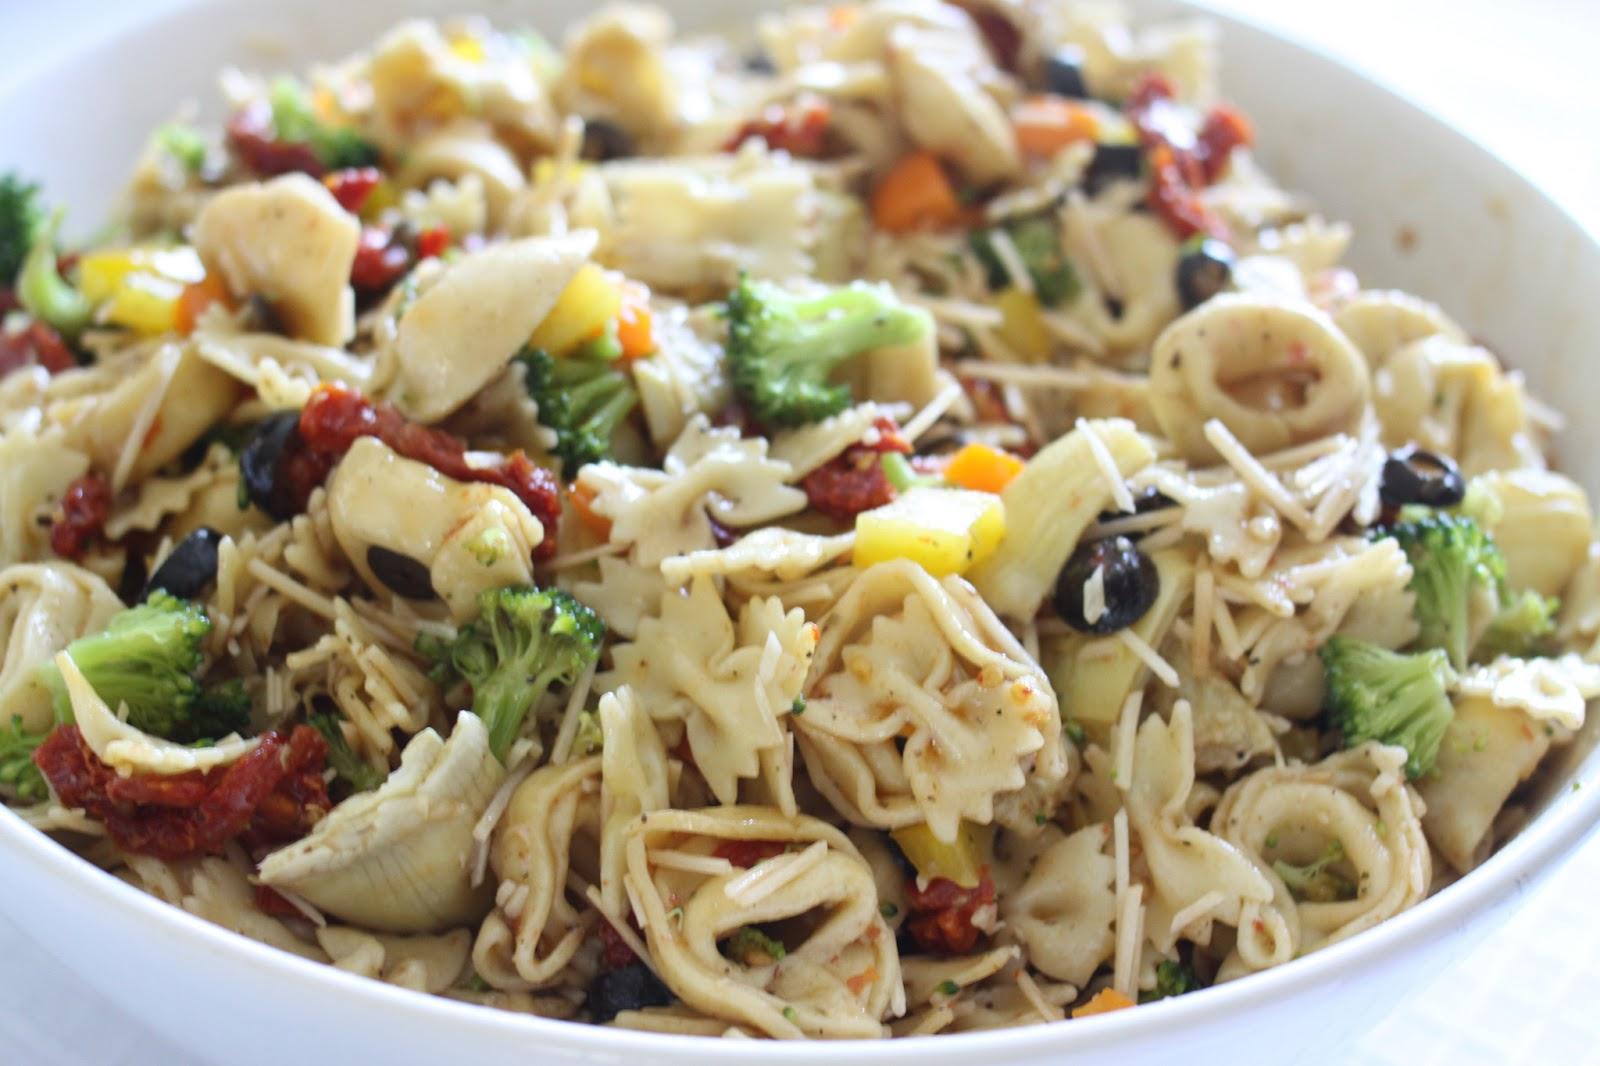 The Larson Lingo: Tortellini Pasta Salad